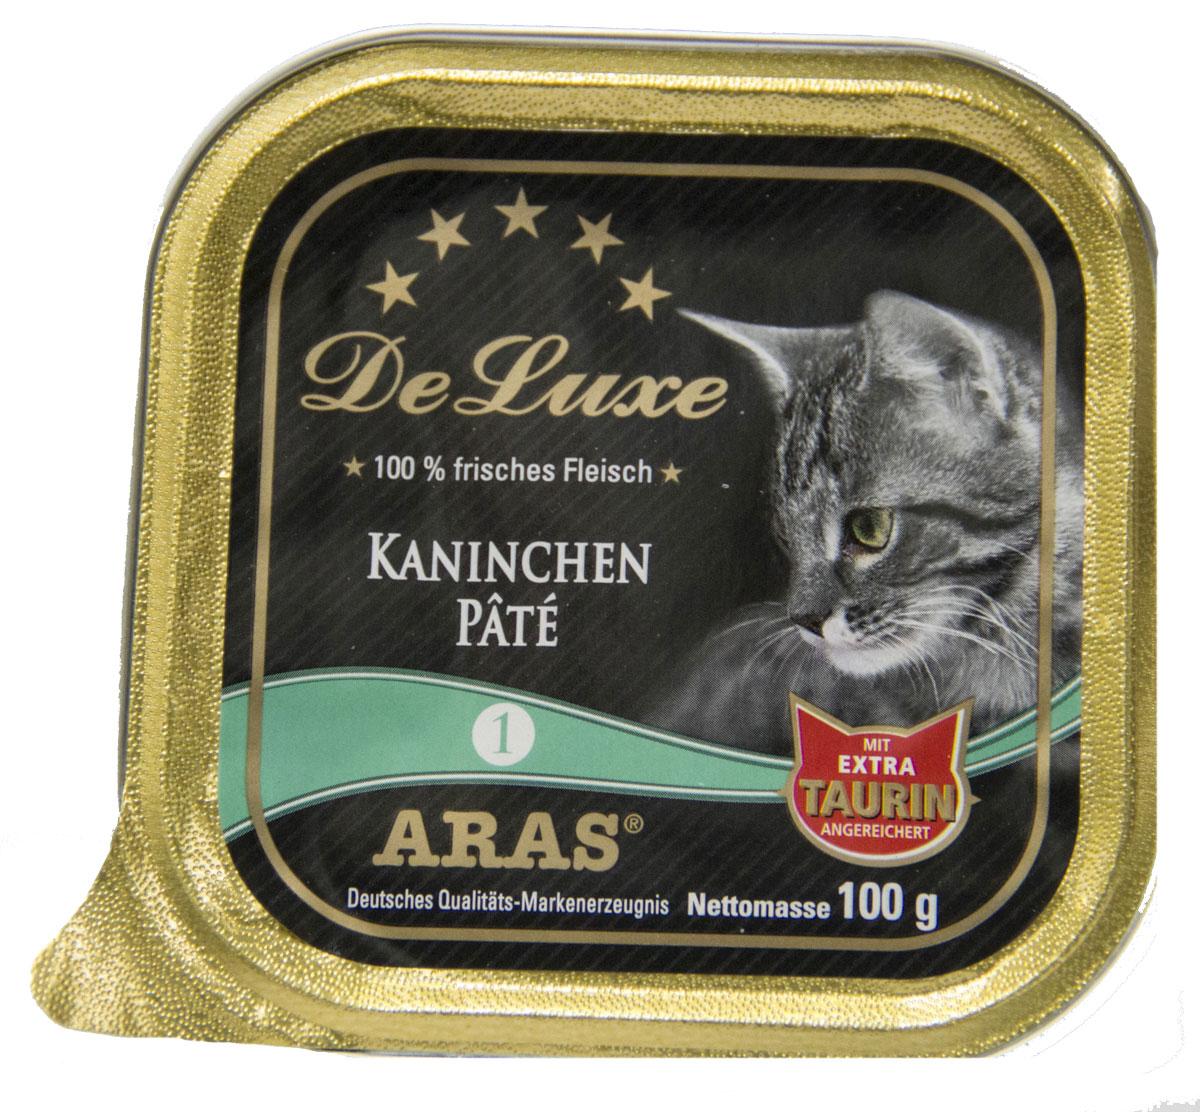 Консервы Aras Premium Delux, для кошек, паштет с кроликом, 100 г503101Изысканные, натуральные, беззерновые, мясные паштеты для кошек. Корм произведен в Германии из продуктов, пригодных в пищу человека по специальной технологии схожей с технологией Sous Vide. Благодаря уникальной технологии, схожей с технологий Souse Vide, при изготовлении сохраняются все натуральные витамины и минералы. Это достигается благодаря бережной обработке всех ингредиентов при температуре менее 80 градусов. Такая бережная обработка продуктов не стерилизует продуктовые компоненты. Благодаря этому корма не нуждаются ни в каких дополнительных вкусовых добавках и сохраняют все необходимые полезные вещества. При производстве кормов используются исключительно свежие натуральные продукты: мясо, овощи и зерновые; Приготовлено из 100% свежего мяса, пригодного в пищу человеку; Содержит натуральные витамины, аминокислоты, минеральные вещества и микроэлементы; С экстрактом масла зародышей зерна пшеницы холодного отжима (Bio-Dura); Без химических красителей,...